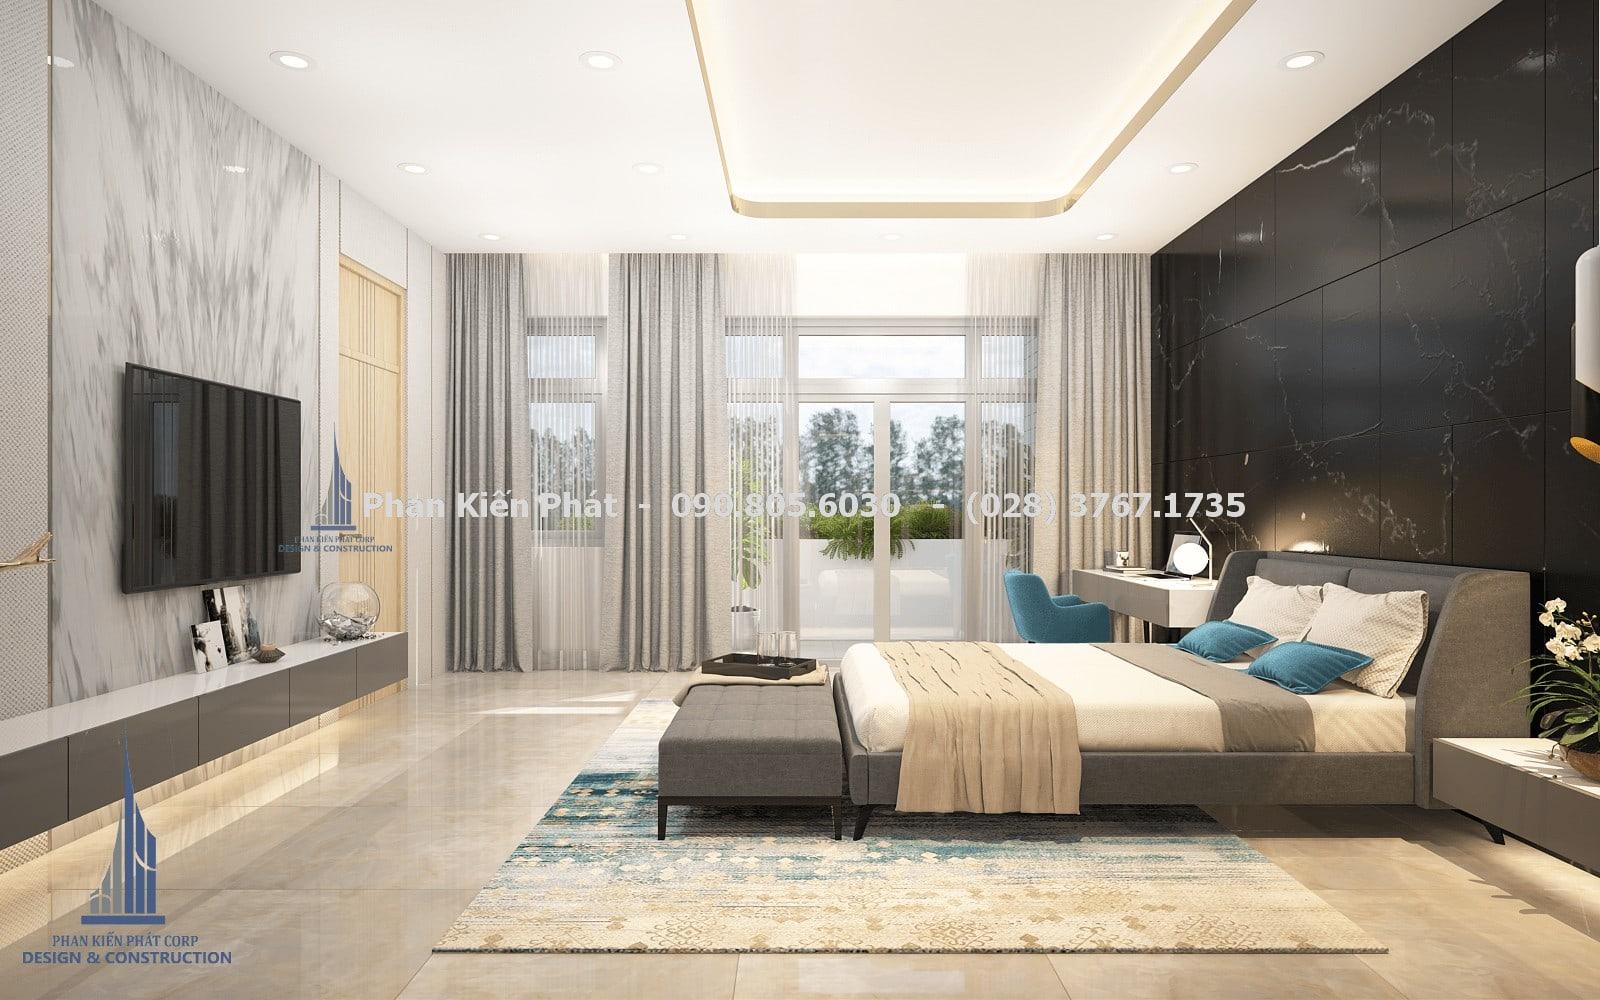 Thiết kế phòng ngủ nam 2 đẹp với mẫu biệt thự phố 5 tầng góc 2